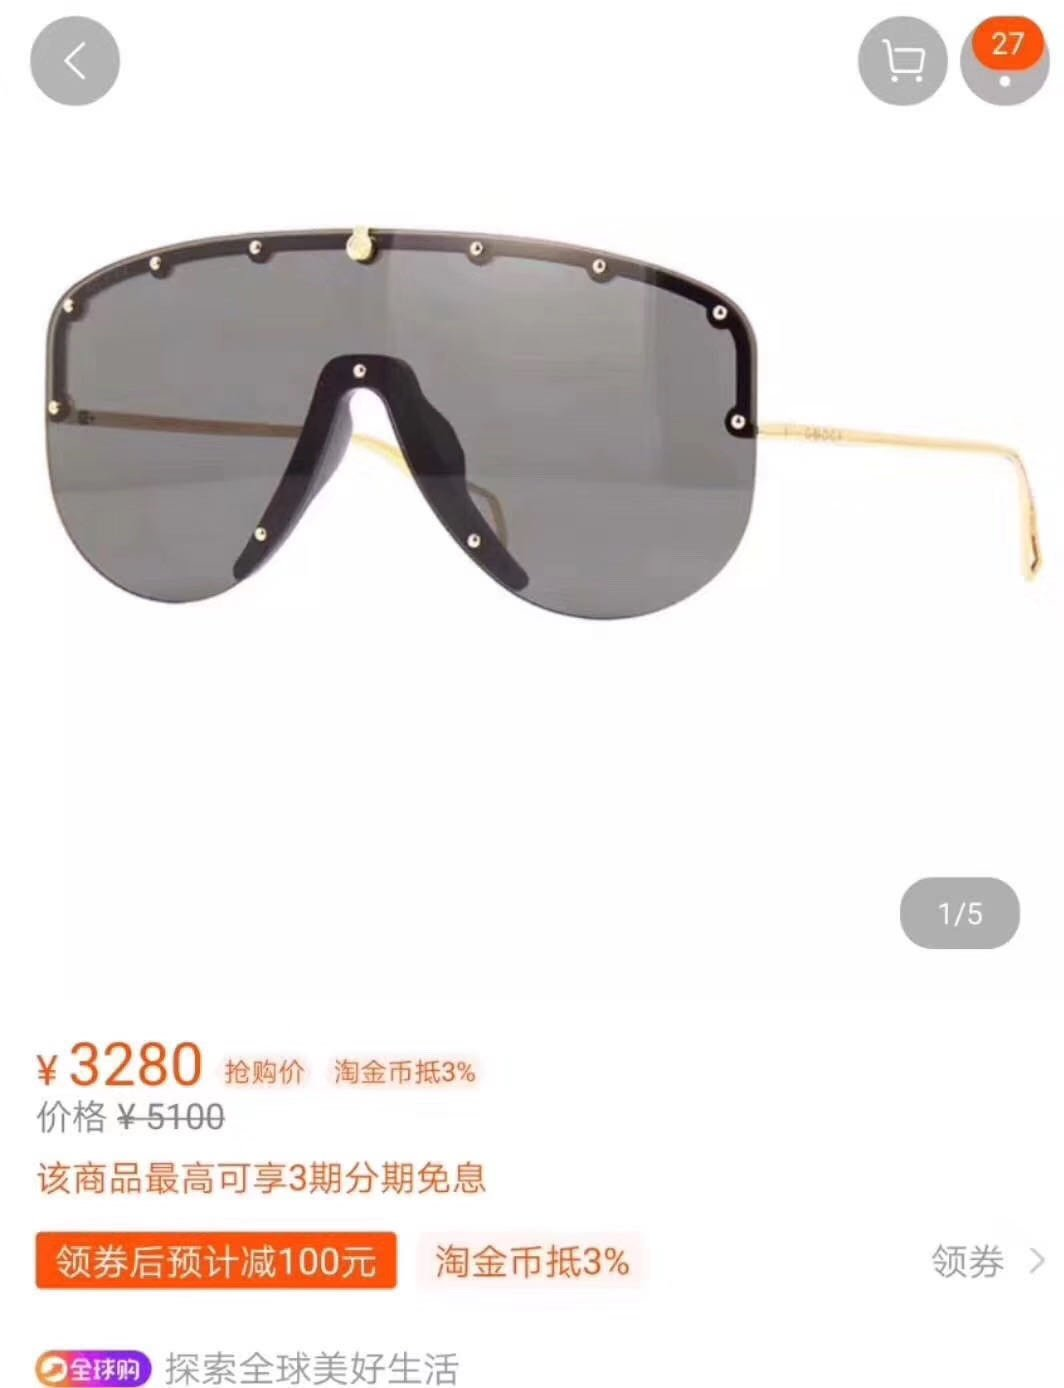 GUCCI古驰 GG0667S 古琦太阳眼镜 护目镜 墨镜专柜同款(图5)